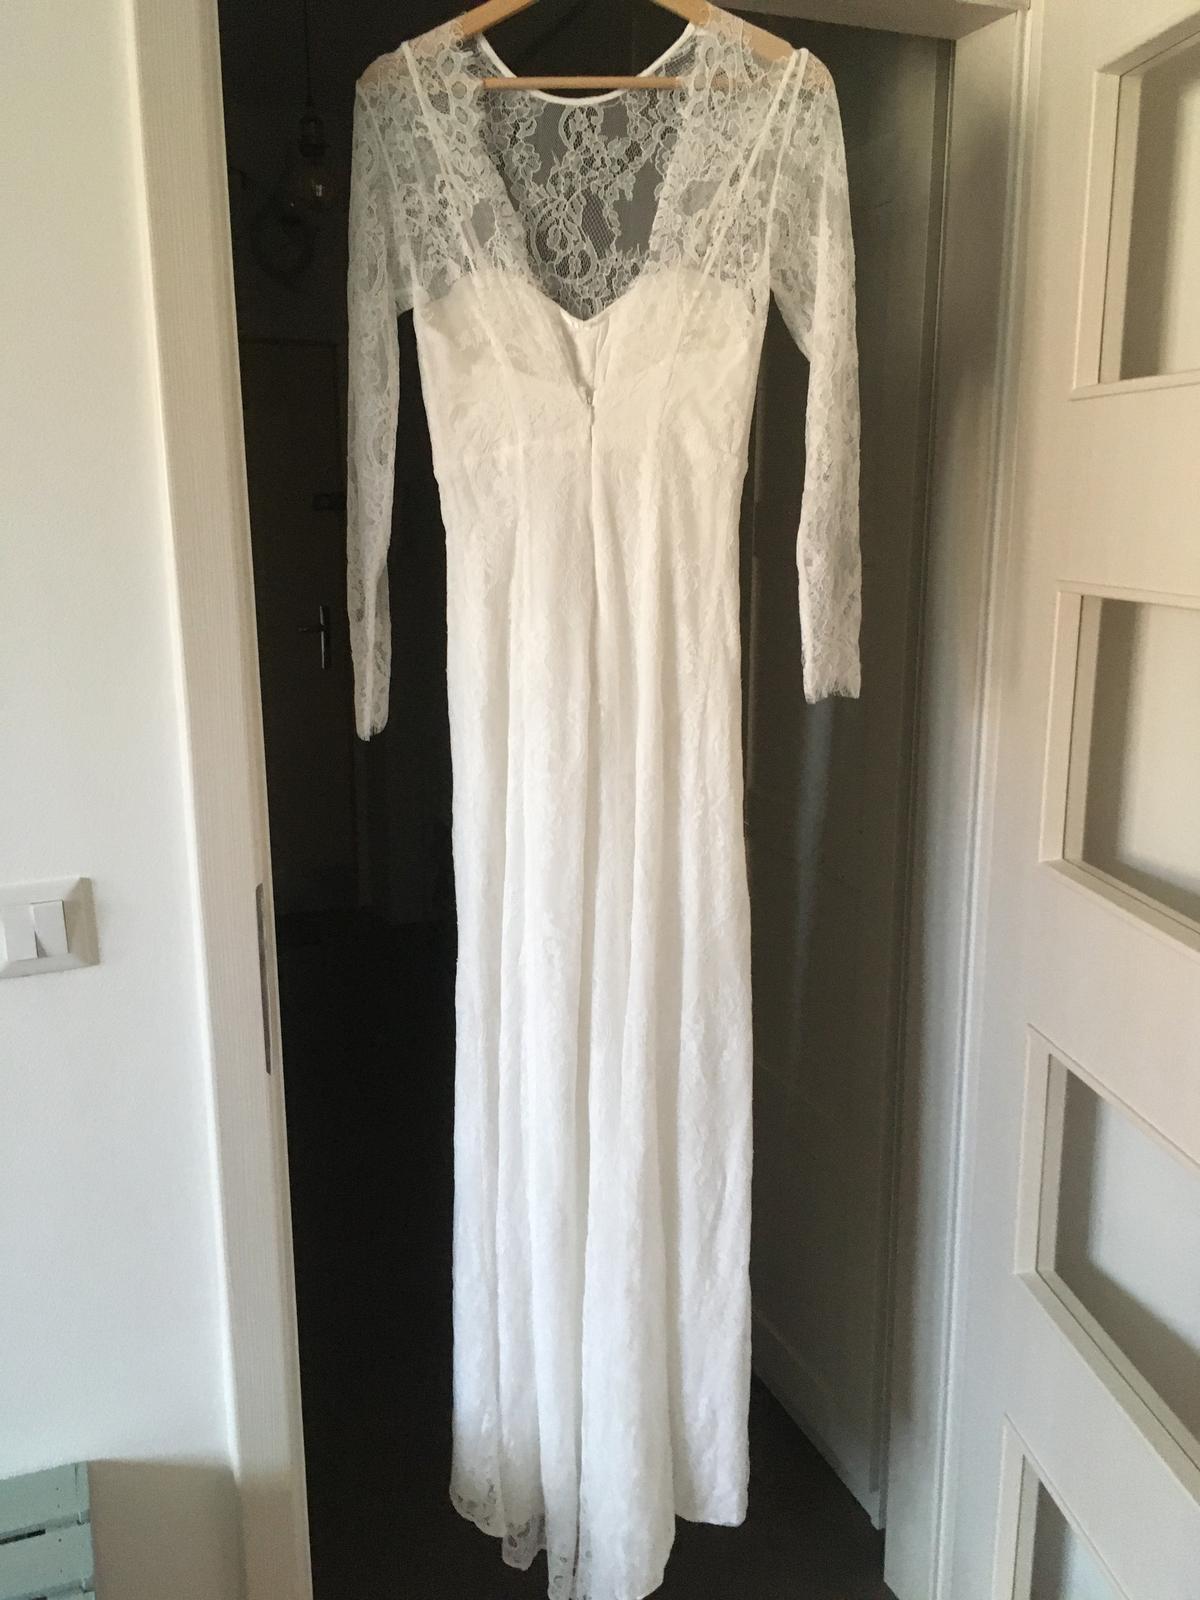 Svatební šaty s odhalenými zády, vel. 36, nenošené - Obrázek č. 3